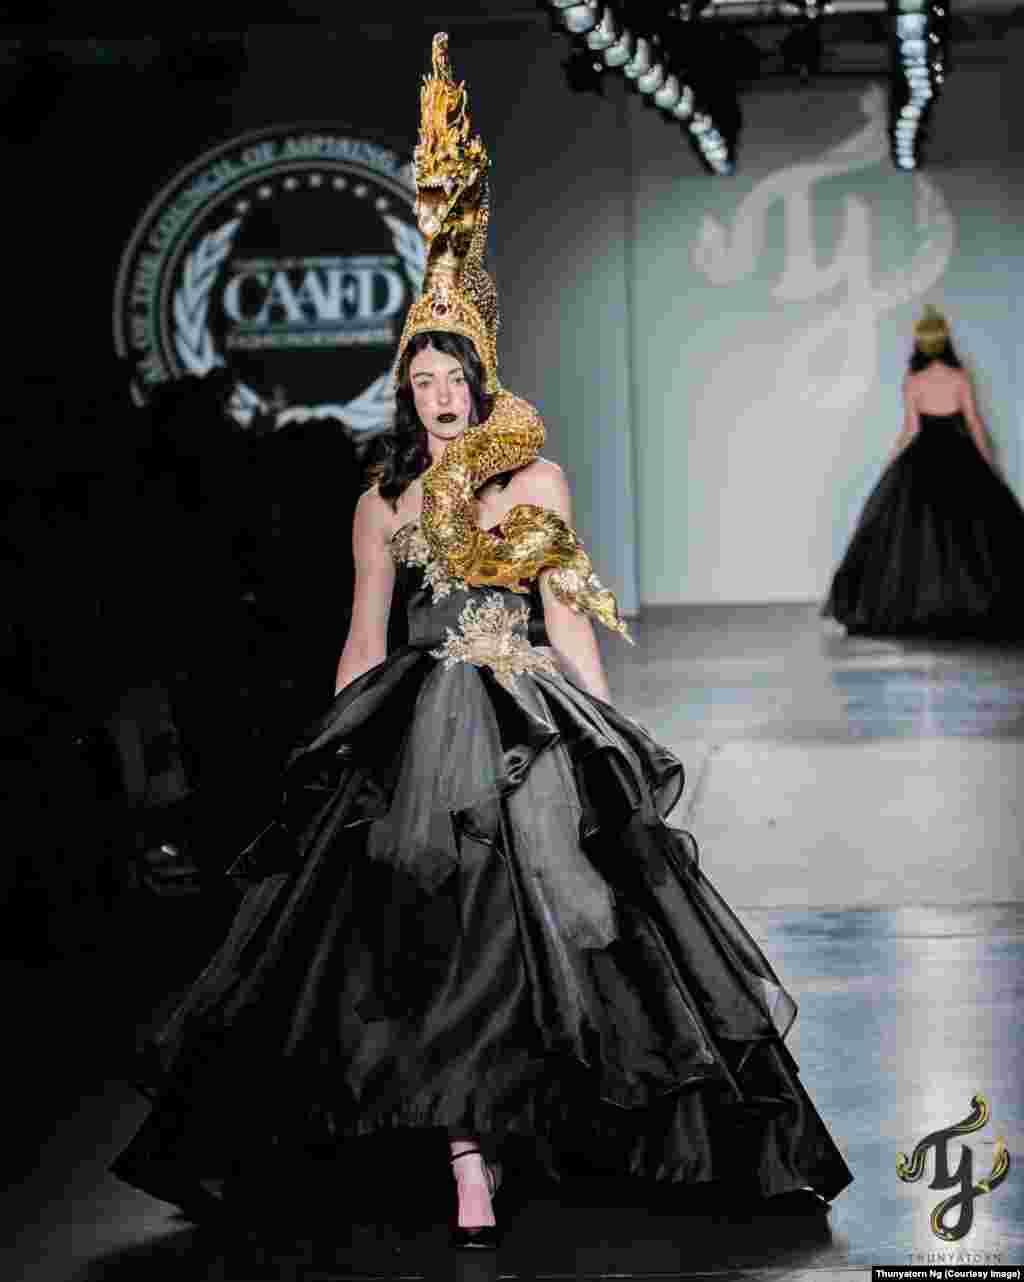 2018年9月10日,纽约时装周,模特头上顶着,身上也缠着龙形装饰。该系列作品以精美的头饰反映中国十二生肖的主题。